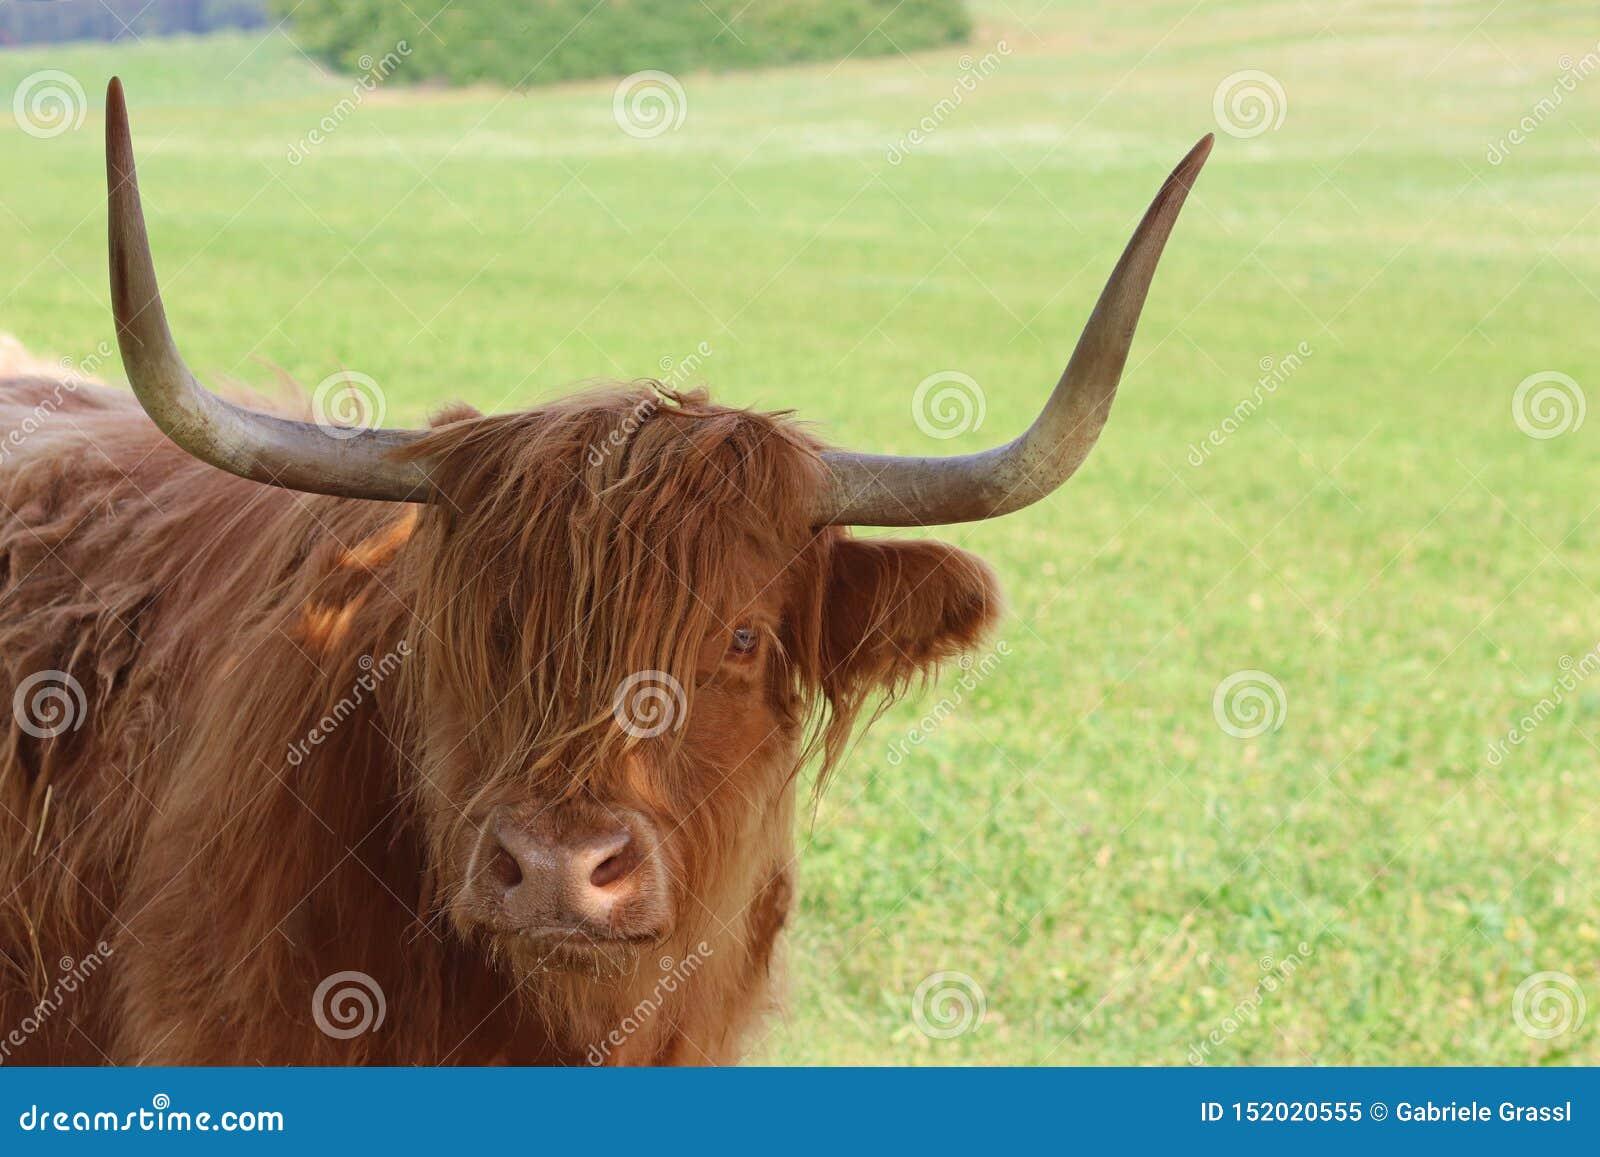 Scottish Highland Cattle On A Large Pasture Stock Image